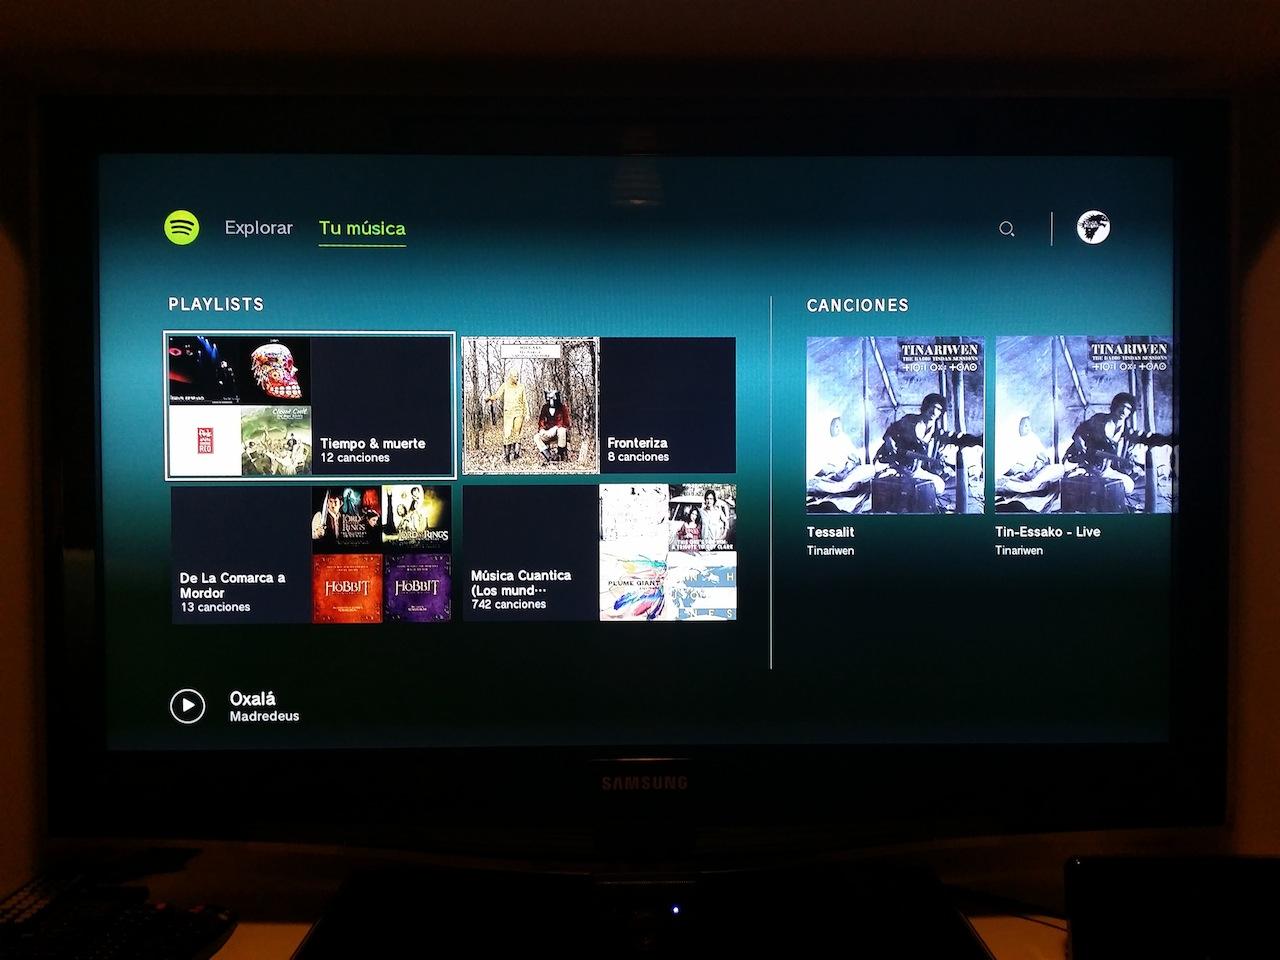 Spotify disponible para Playstation 3 y 4 Oh4bpj